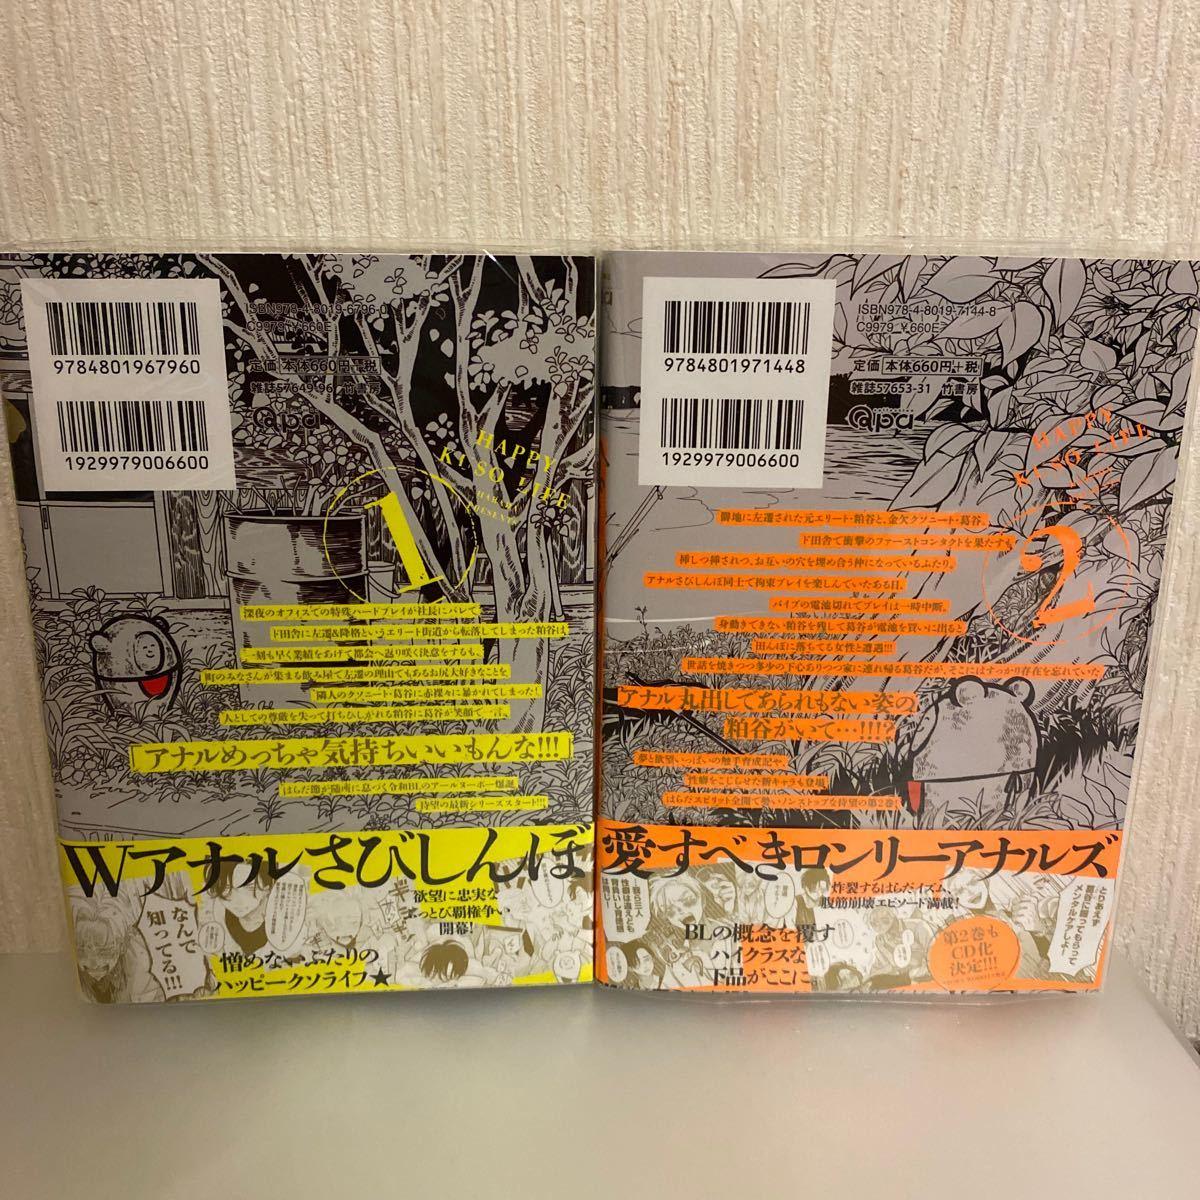 【初版、帯付】ハッピークソライフ1巻+ハッピークソライフ2巻セット/はらだ BLコミックス ドラマCD原作